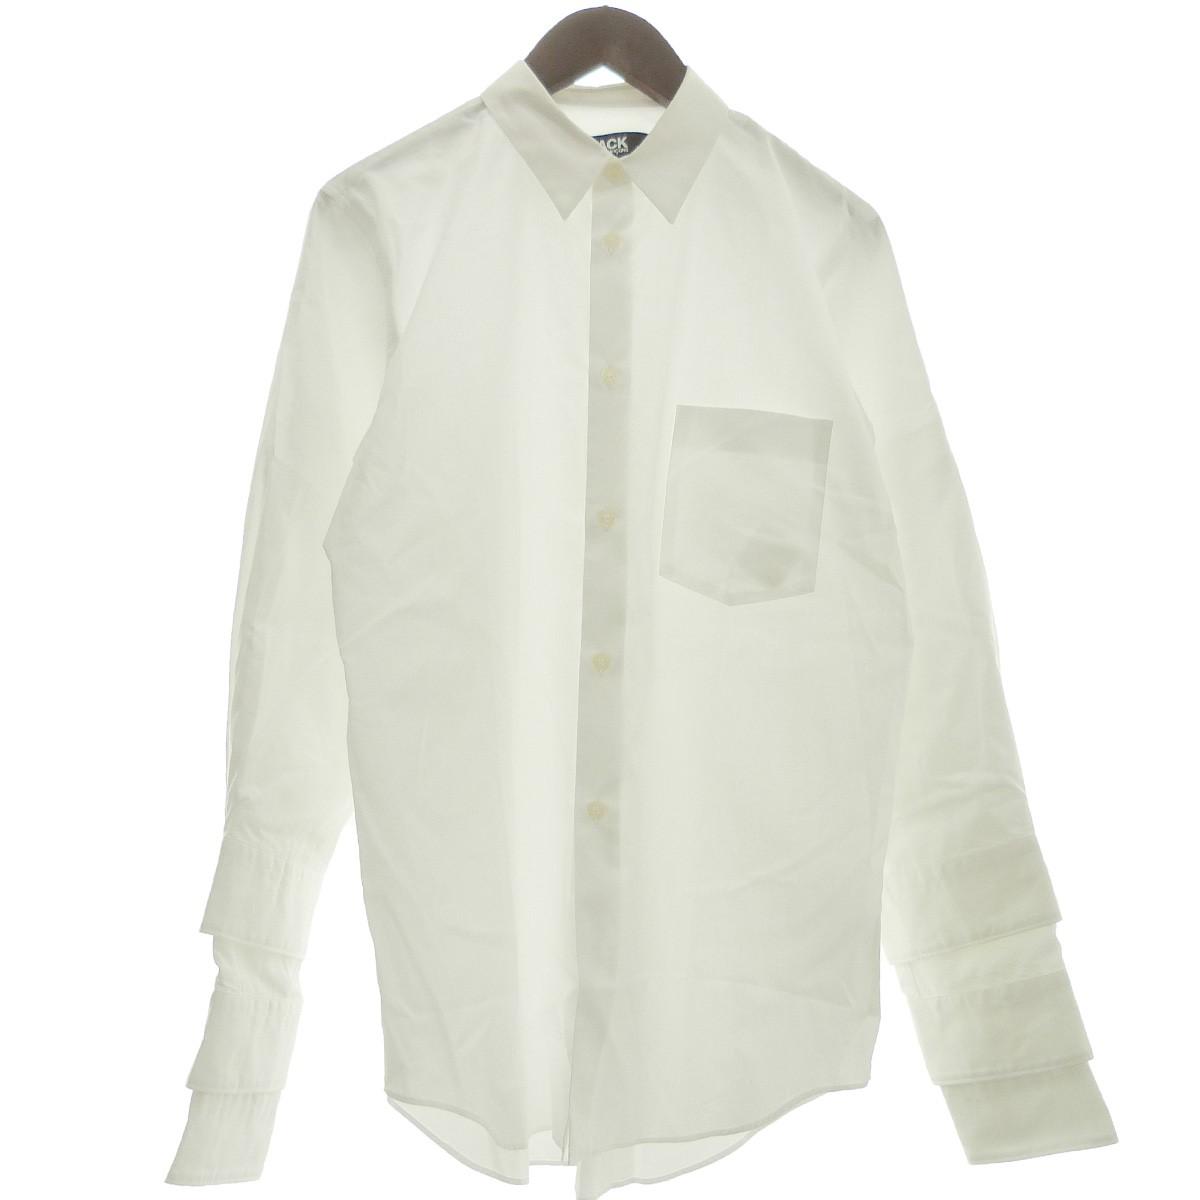 【中古】BLACK COMME des GARCONS 19AW 袖レイヤードシャツ ホワイト サイズ:L 【030420】(ブラックコムデギャルソン)